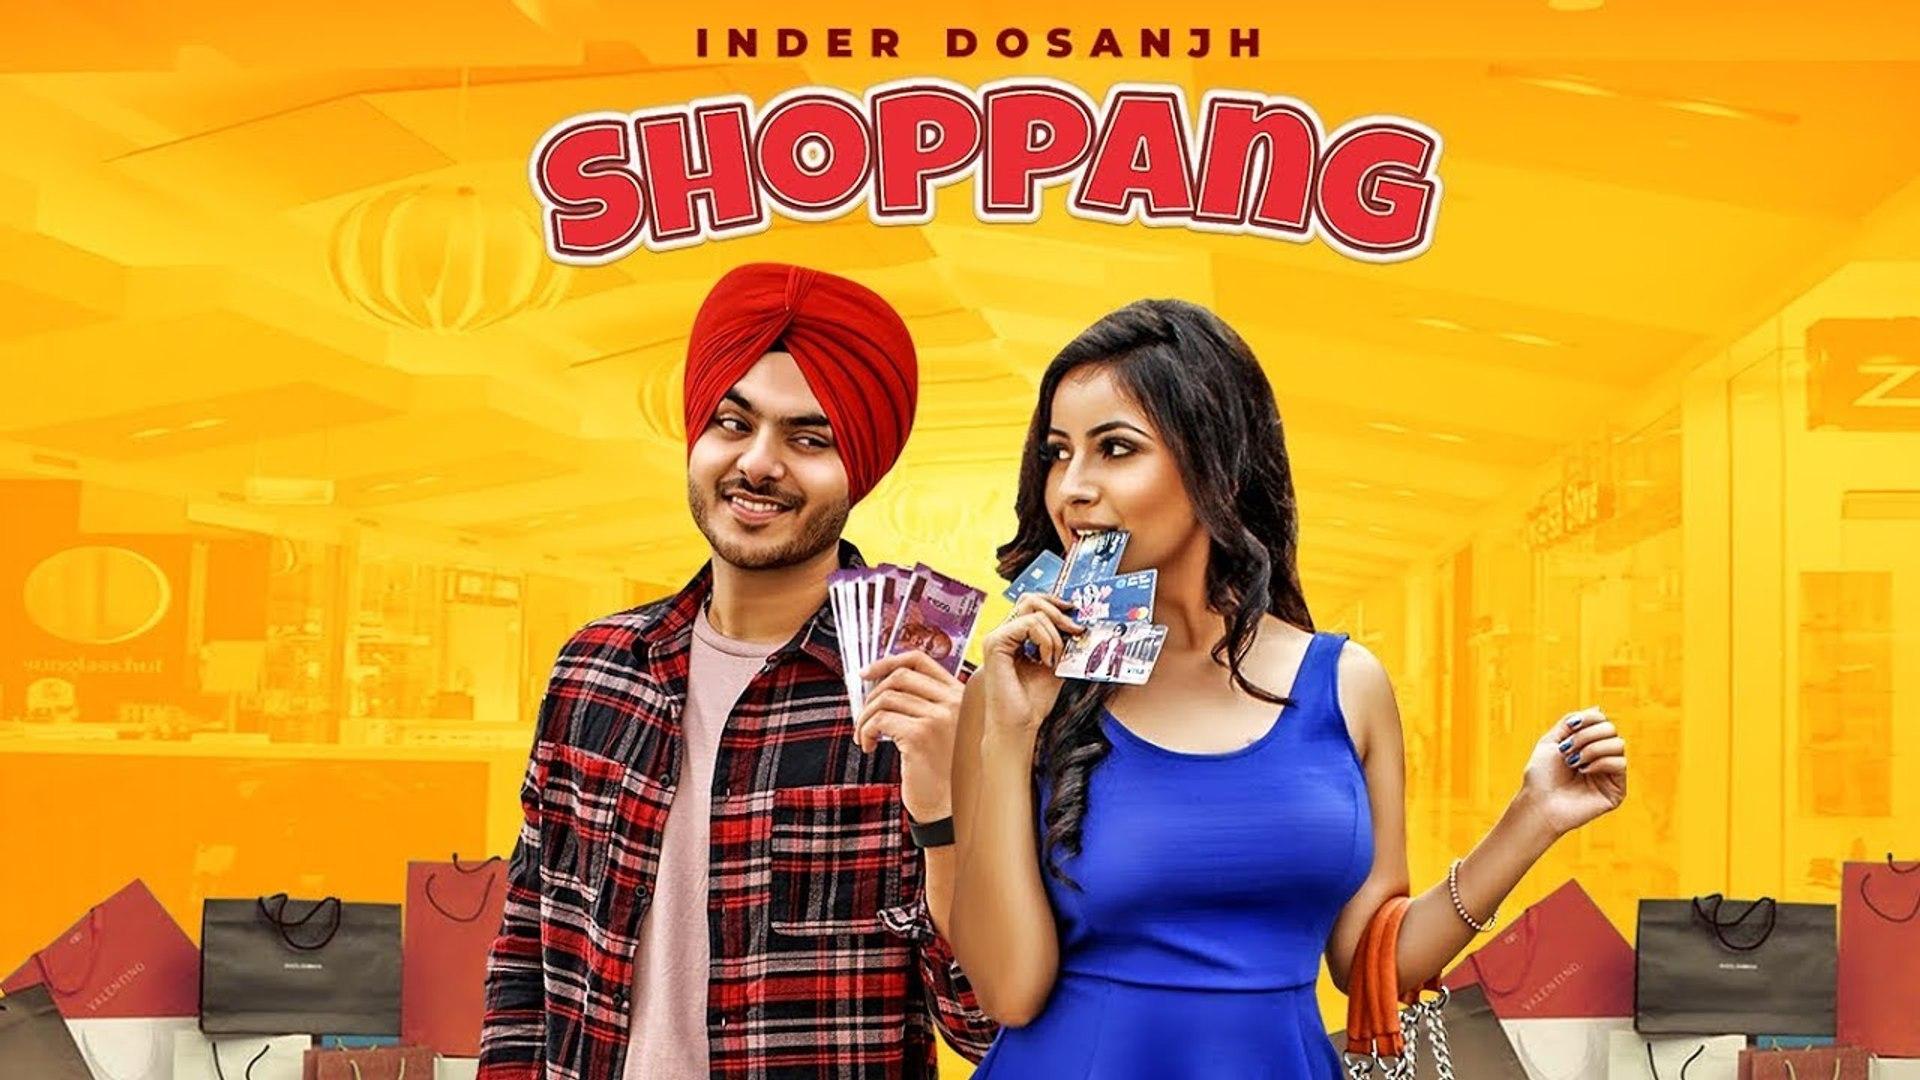 Inder Dosanjh: Shoppang (Full Song) Mad Beats | Meet Hundal | Latest Punjabi Songs 2018